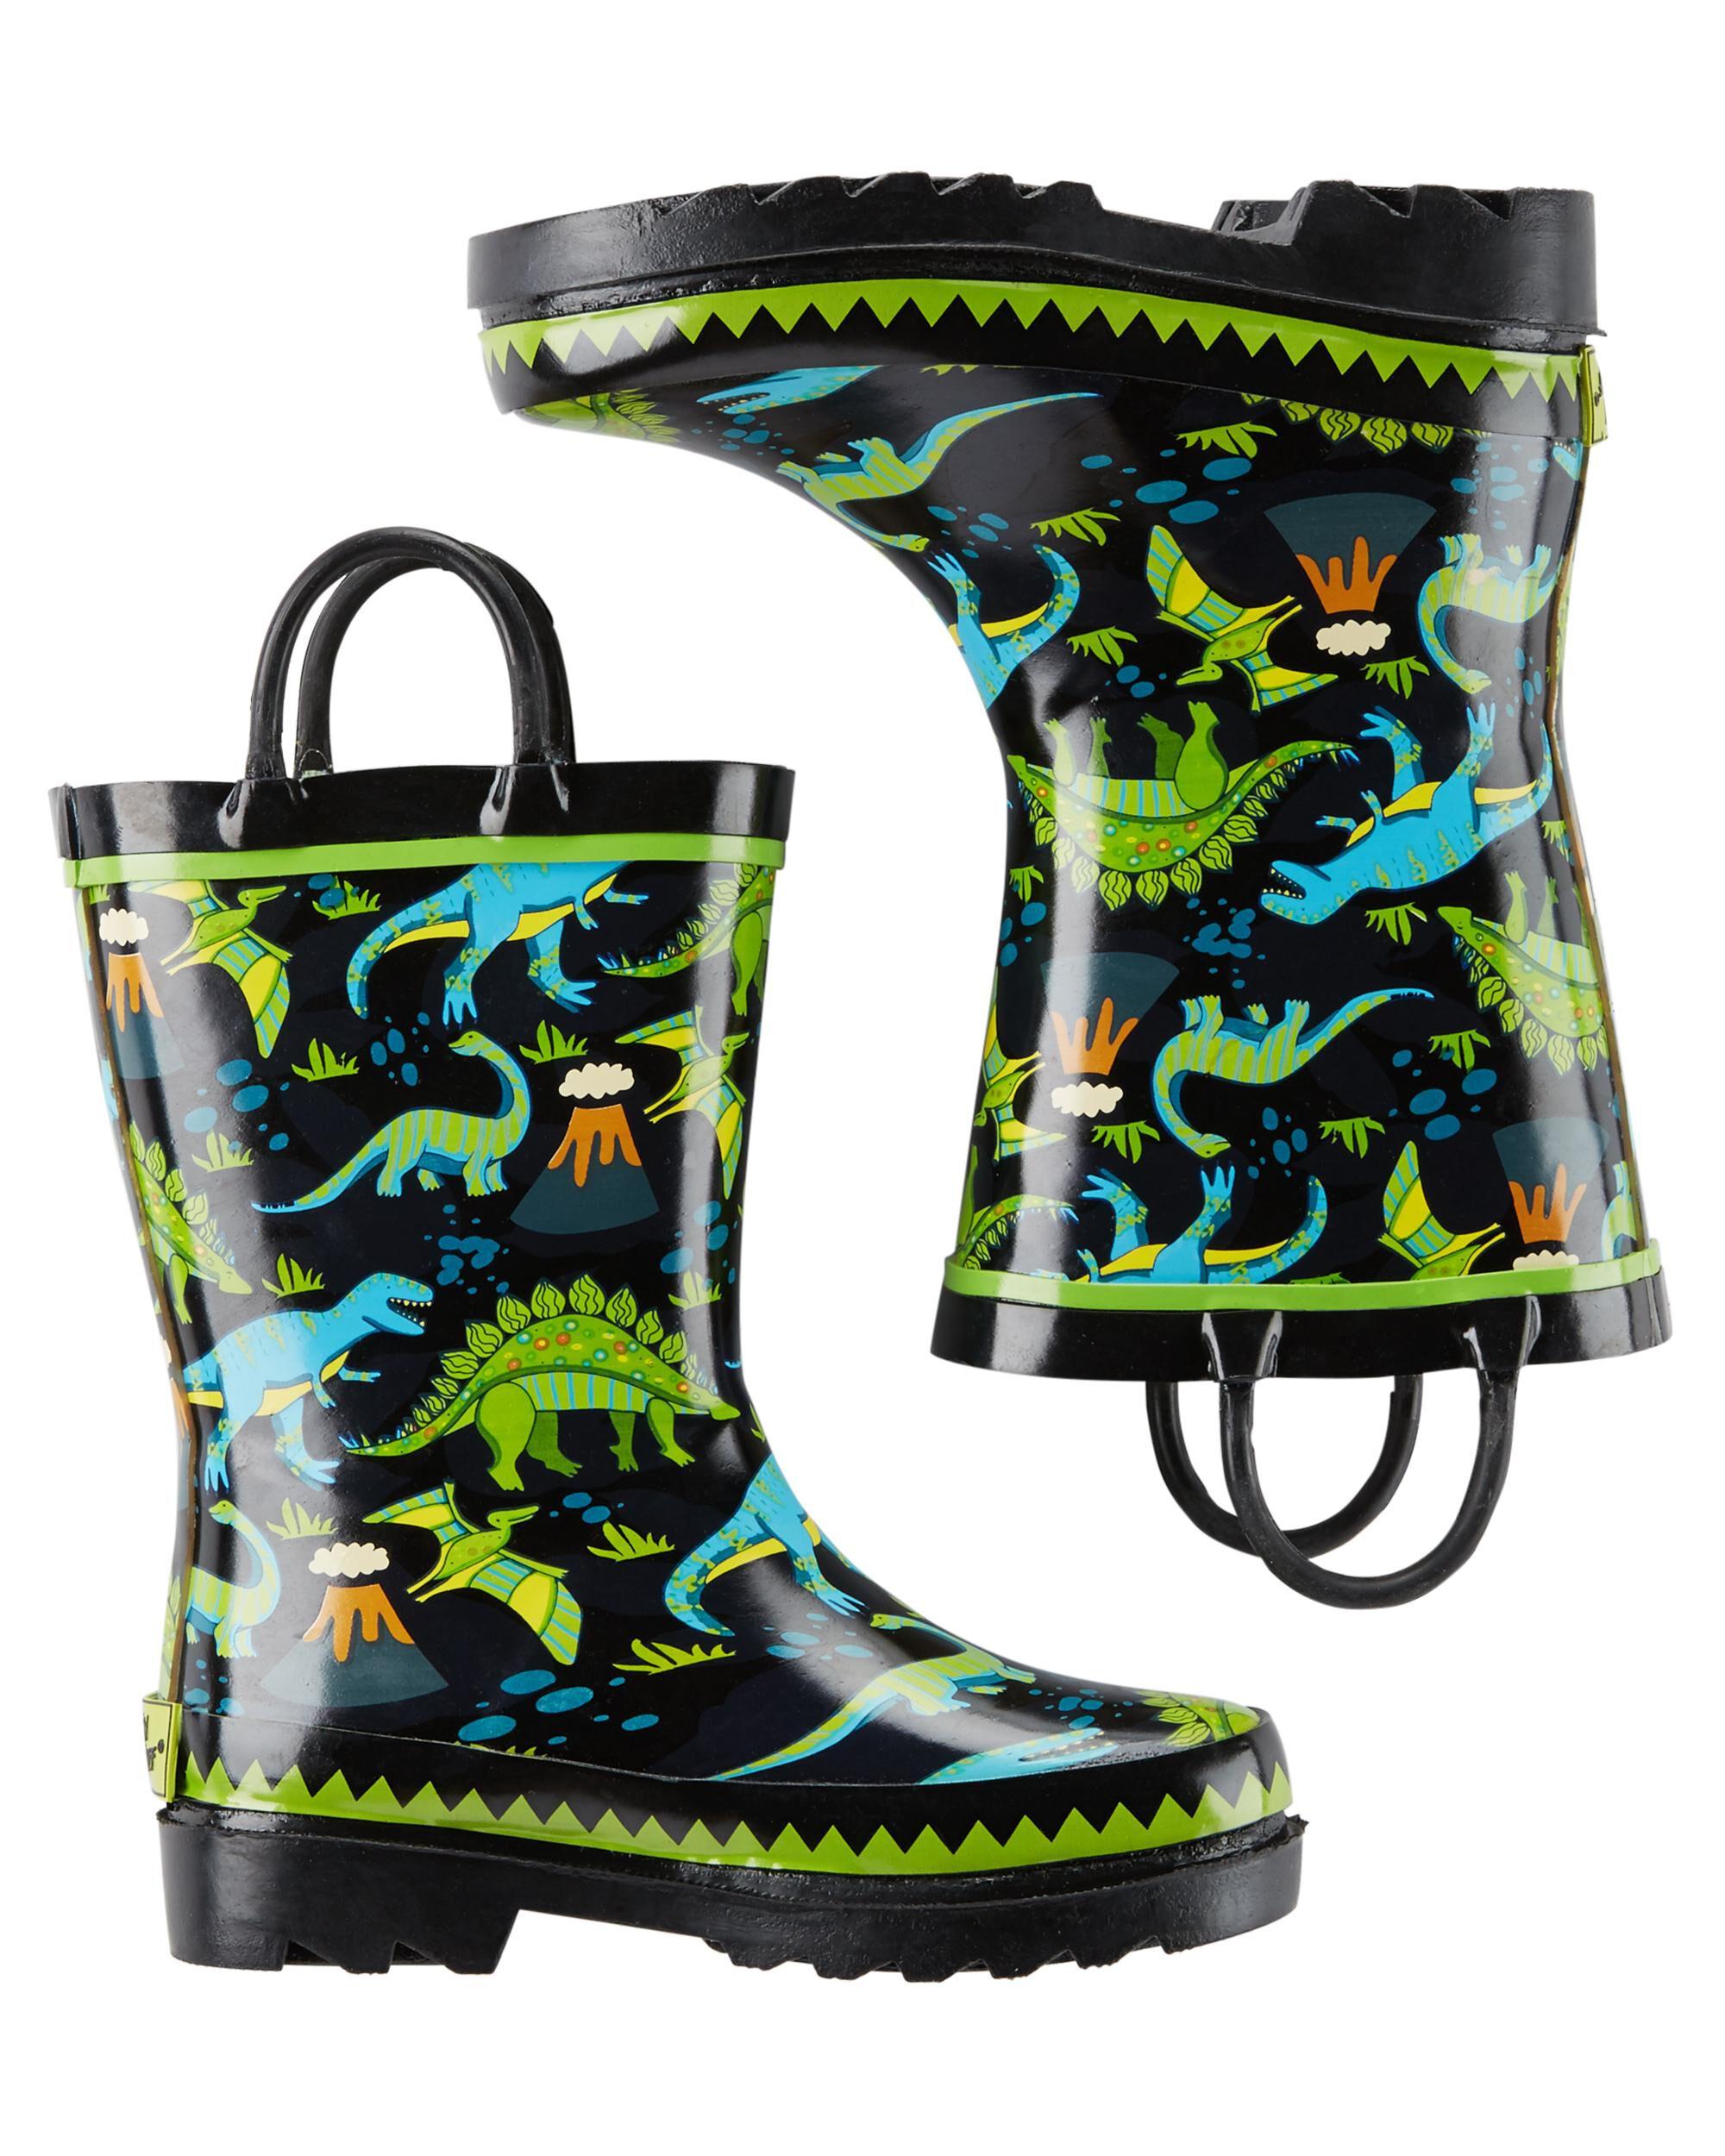 Toddler Boy Rain Coats Jackets Amp Outerwear Carter S